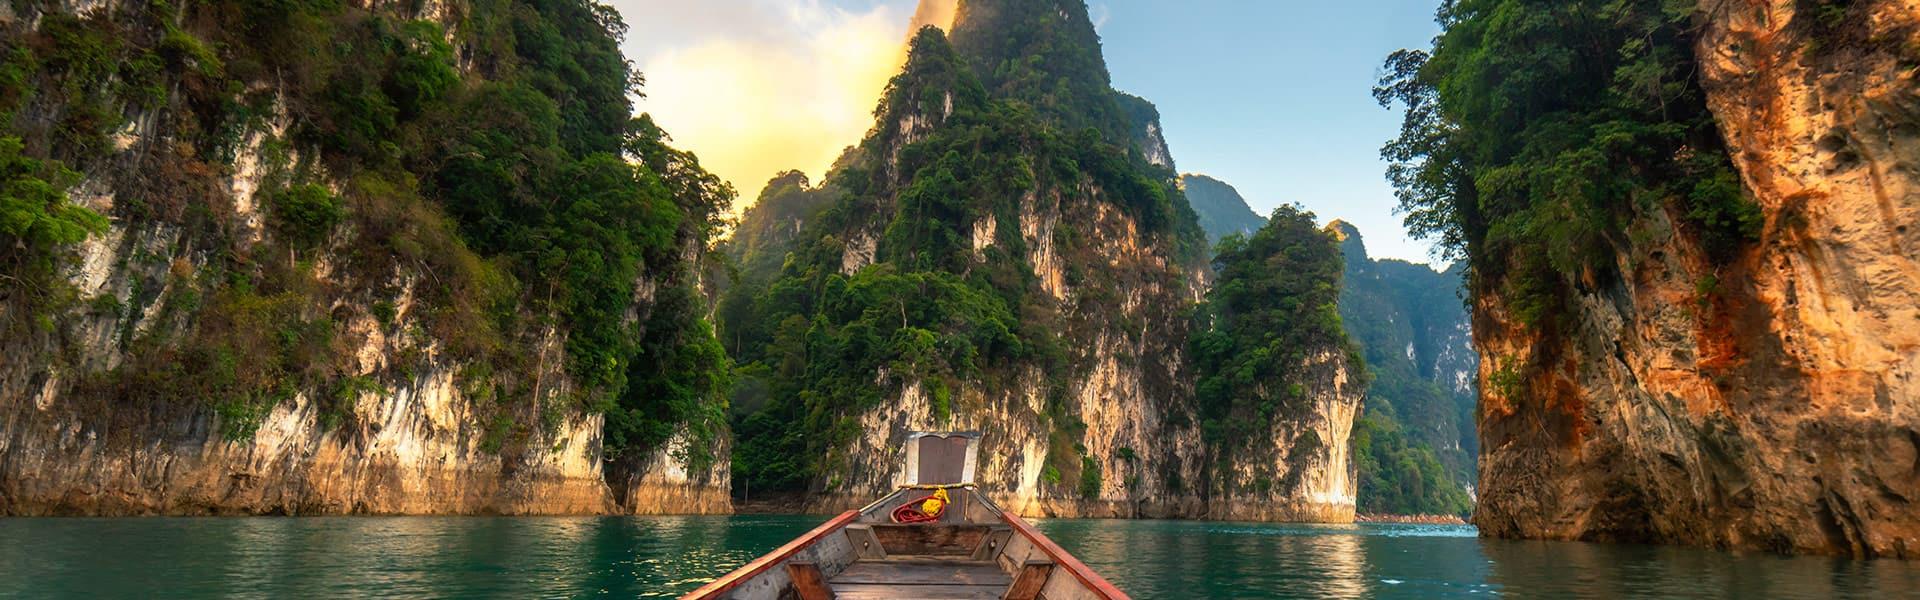 אסיה: תאילנד, וייטנאם ומלזיה לסינגפור